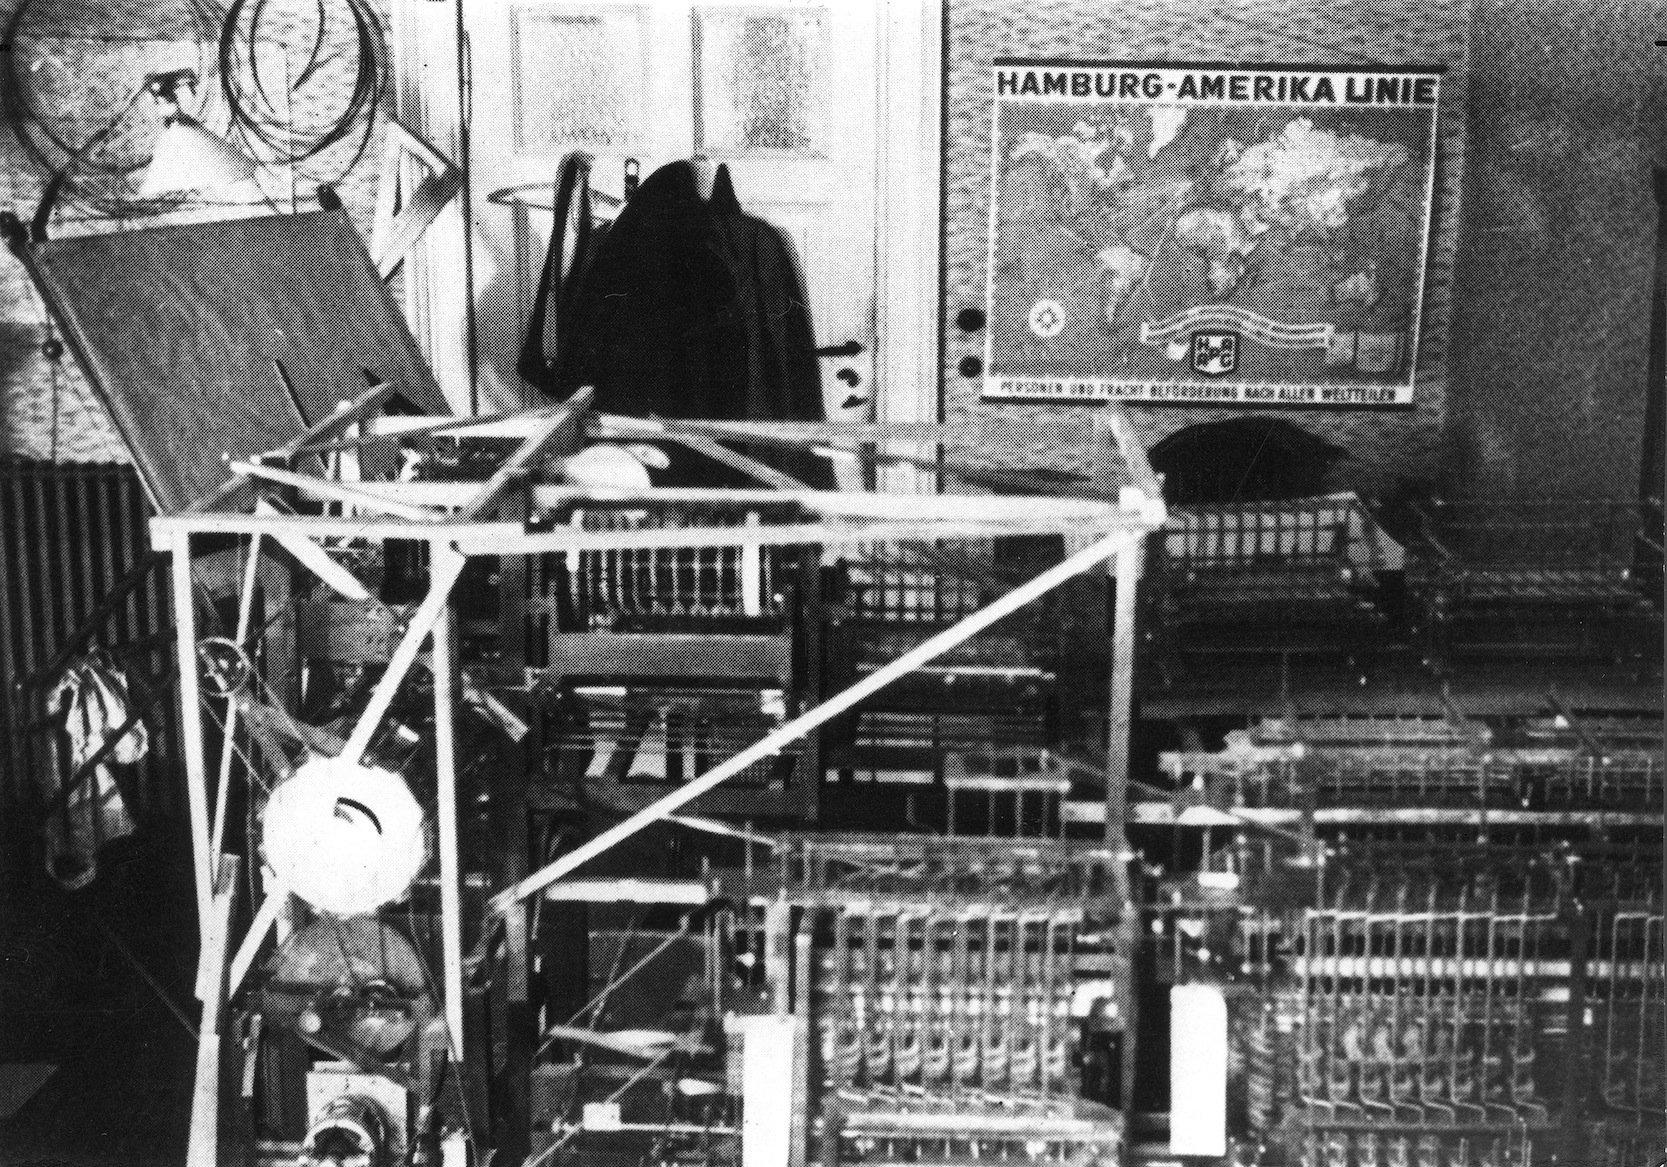 Die Rechenmaschine Z1im Wohnzimmer der Eltern Konrad Zuses: Der mechanische binäre Speicher des ersten Versuchsmodells eines Rechenautomaten war auszahlreichen ausgeklügelt geformten Blechen zusammengesetzt. Der Speicher wurde rückwirkend als Z1 bezeichnet. Da die Mechanik aber nicht zuverlässig funktionierte, stieg Zuse dann aufelektromechanische Relaistechnik um.